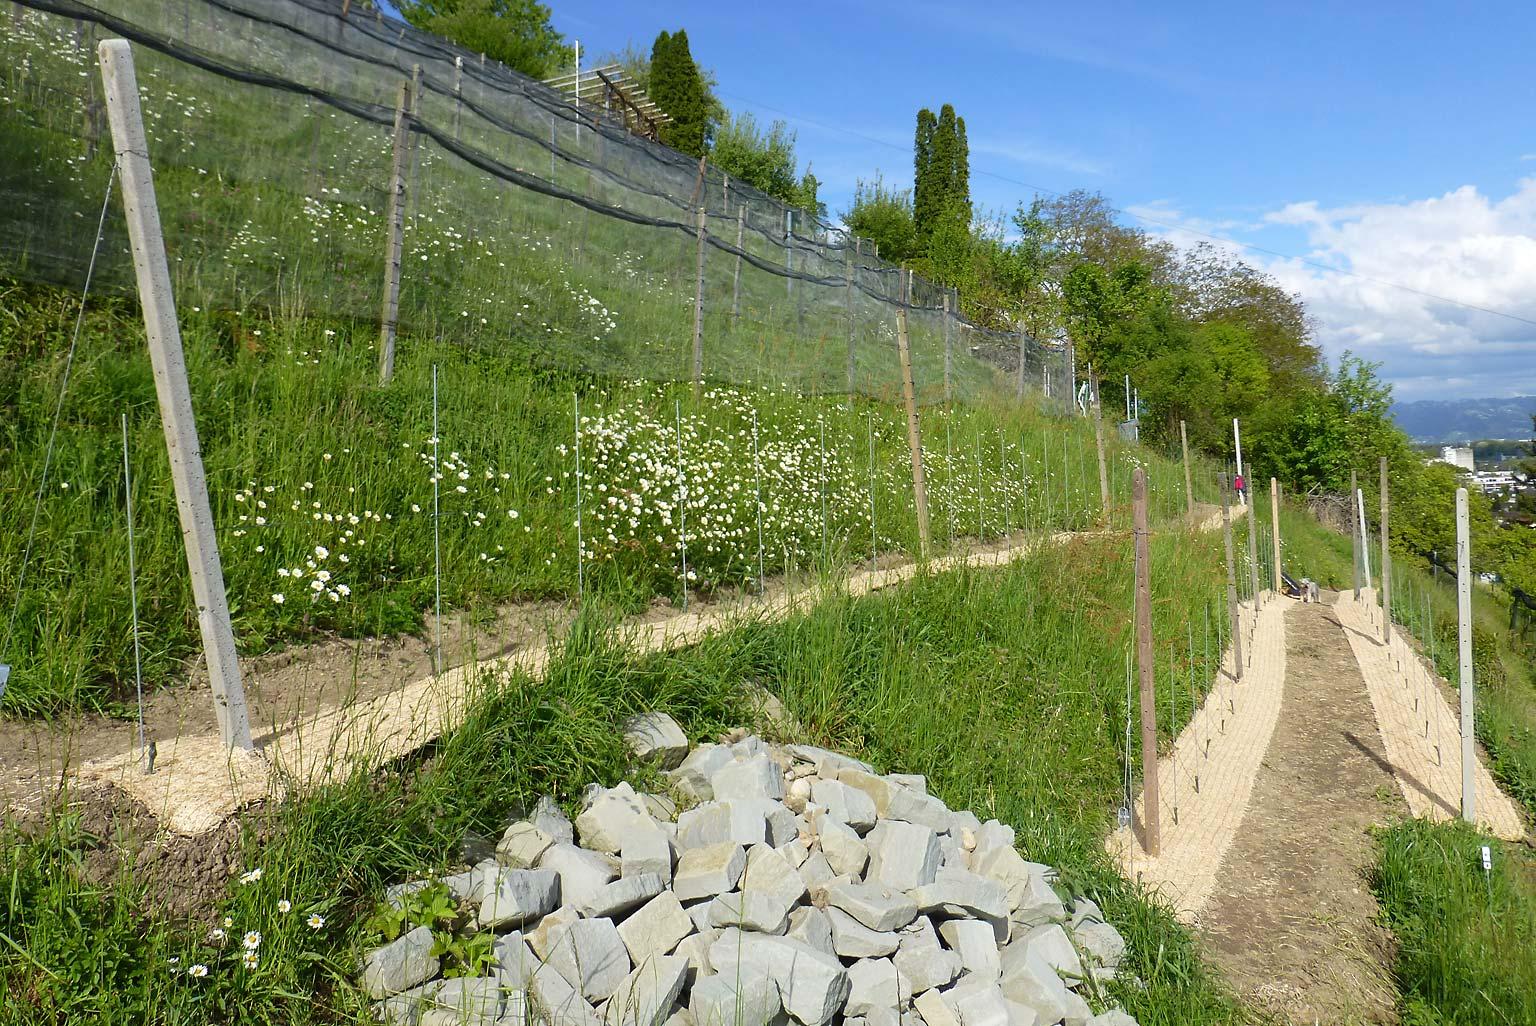 2017 gepflanzte Muscaris-Setzlinge